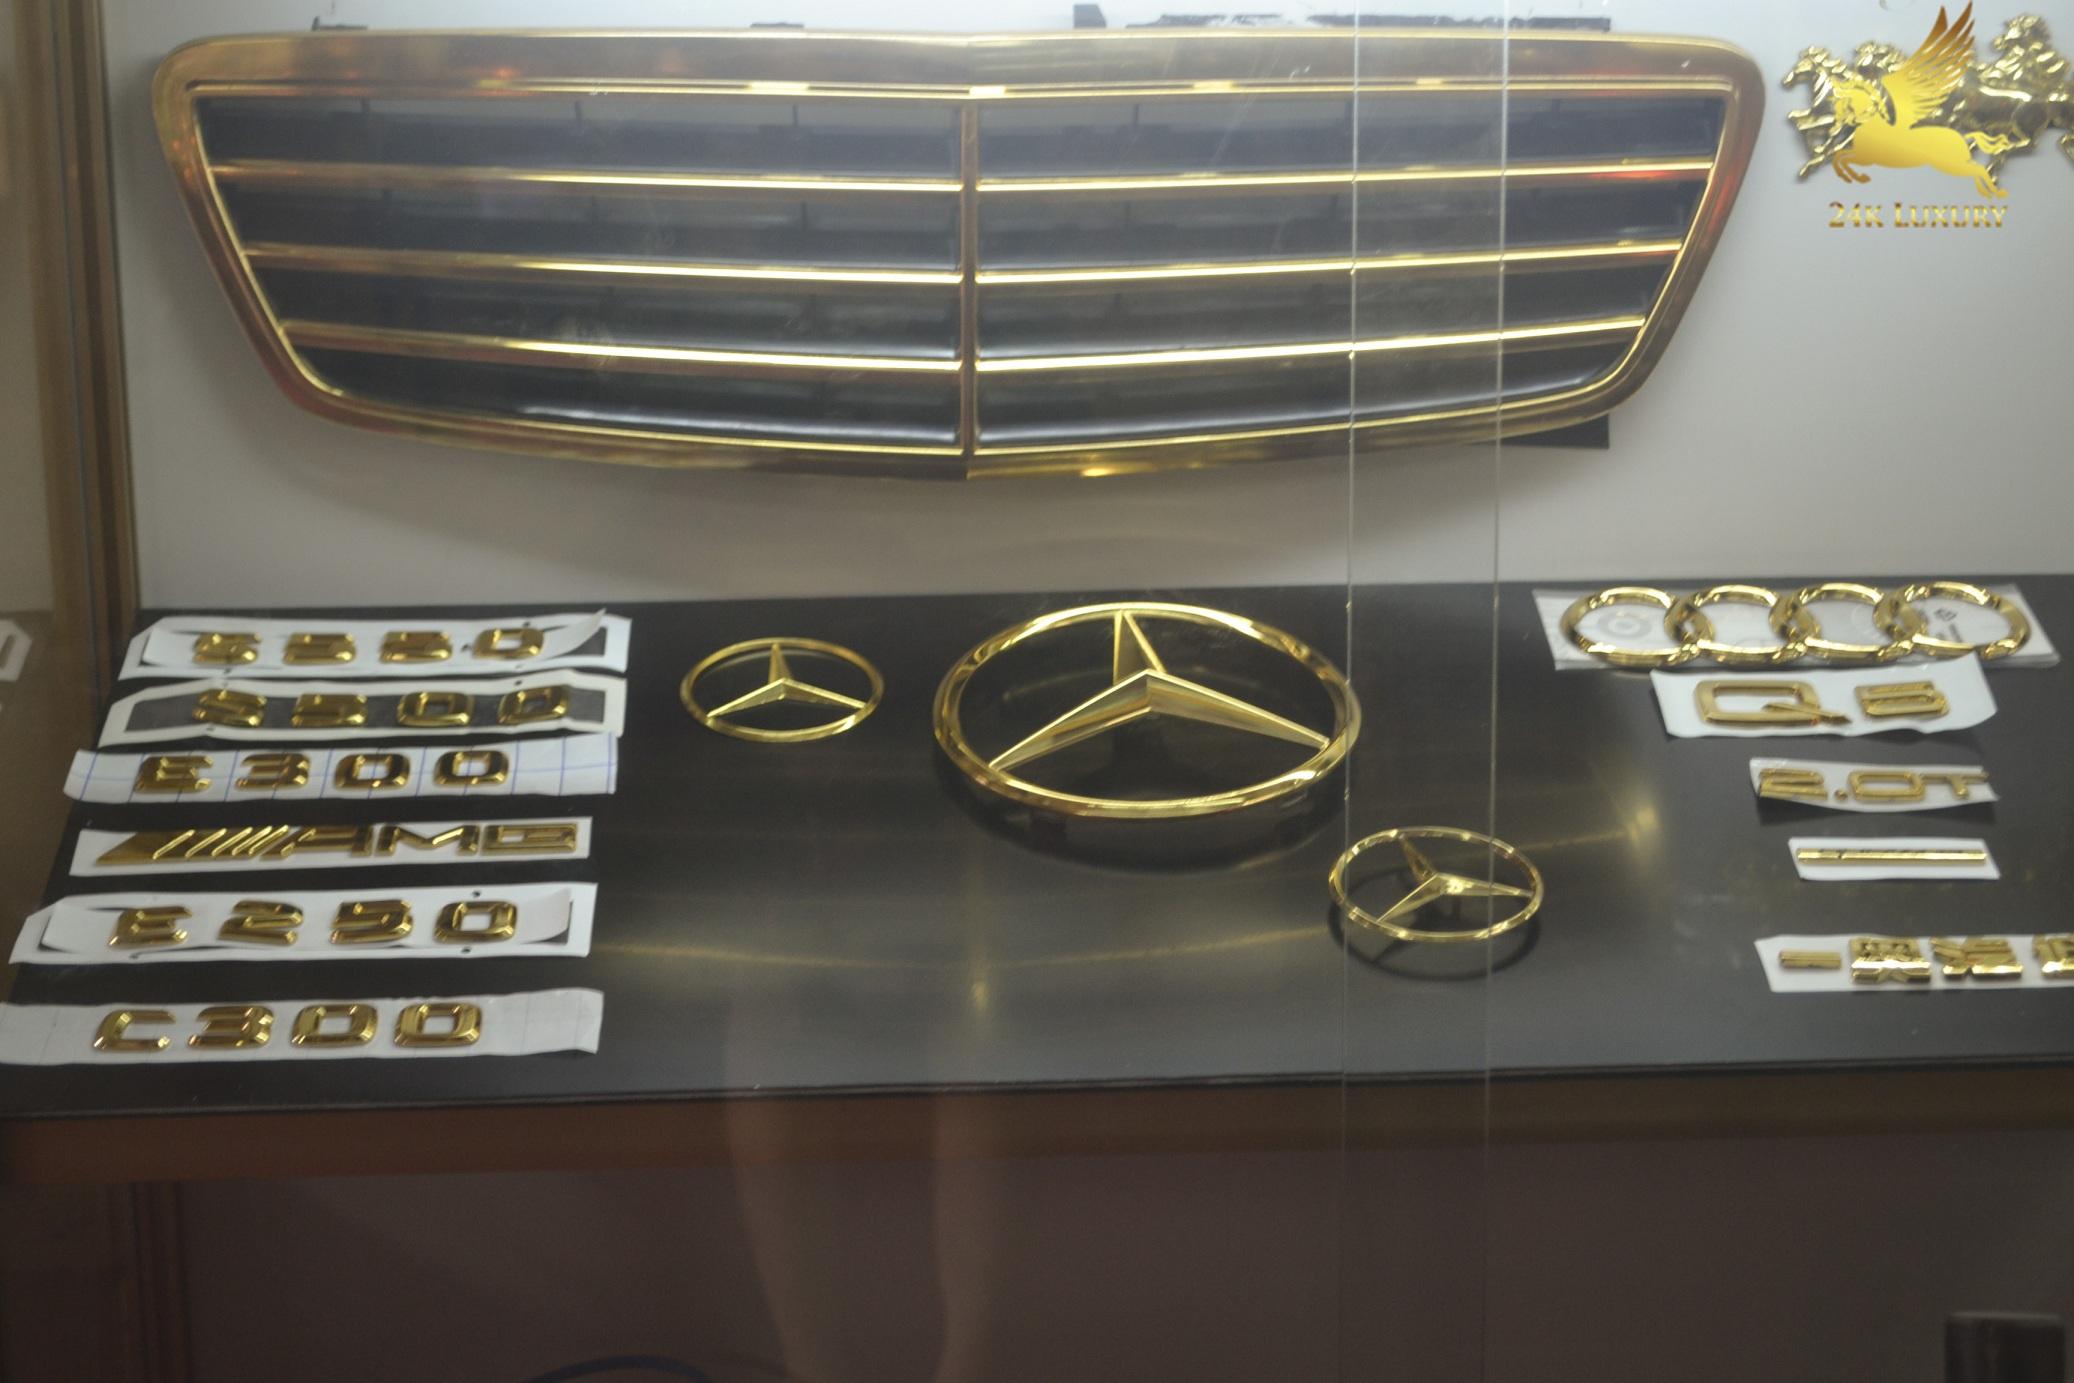 Các bộ phụ kiện và logo mạ vàng 24k